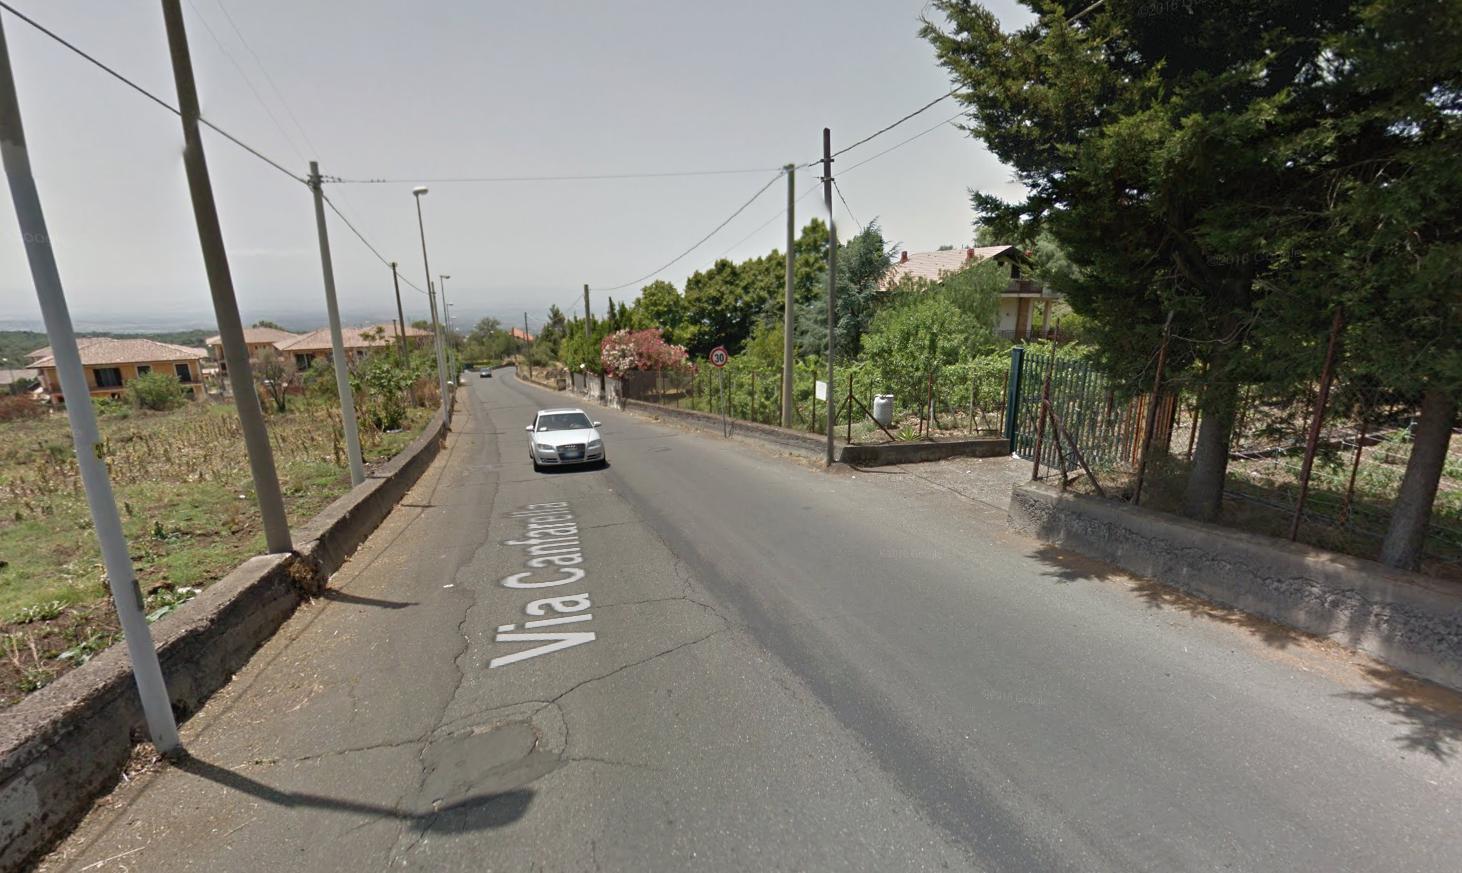 Ragalna: Da lunedì prossimo via Canfarella chiusa per un mese